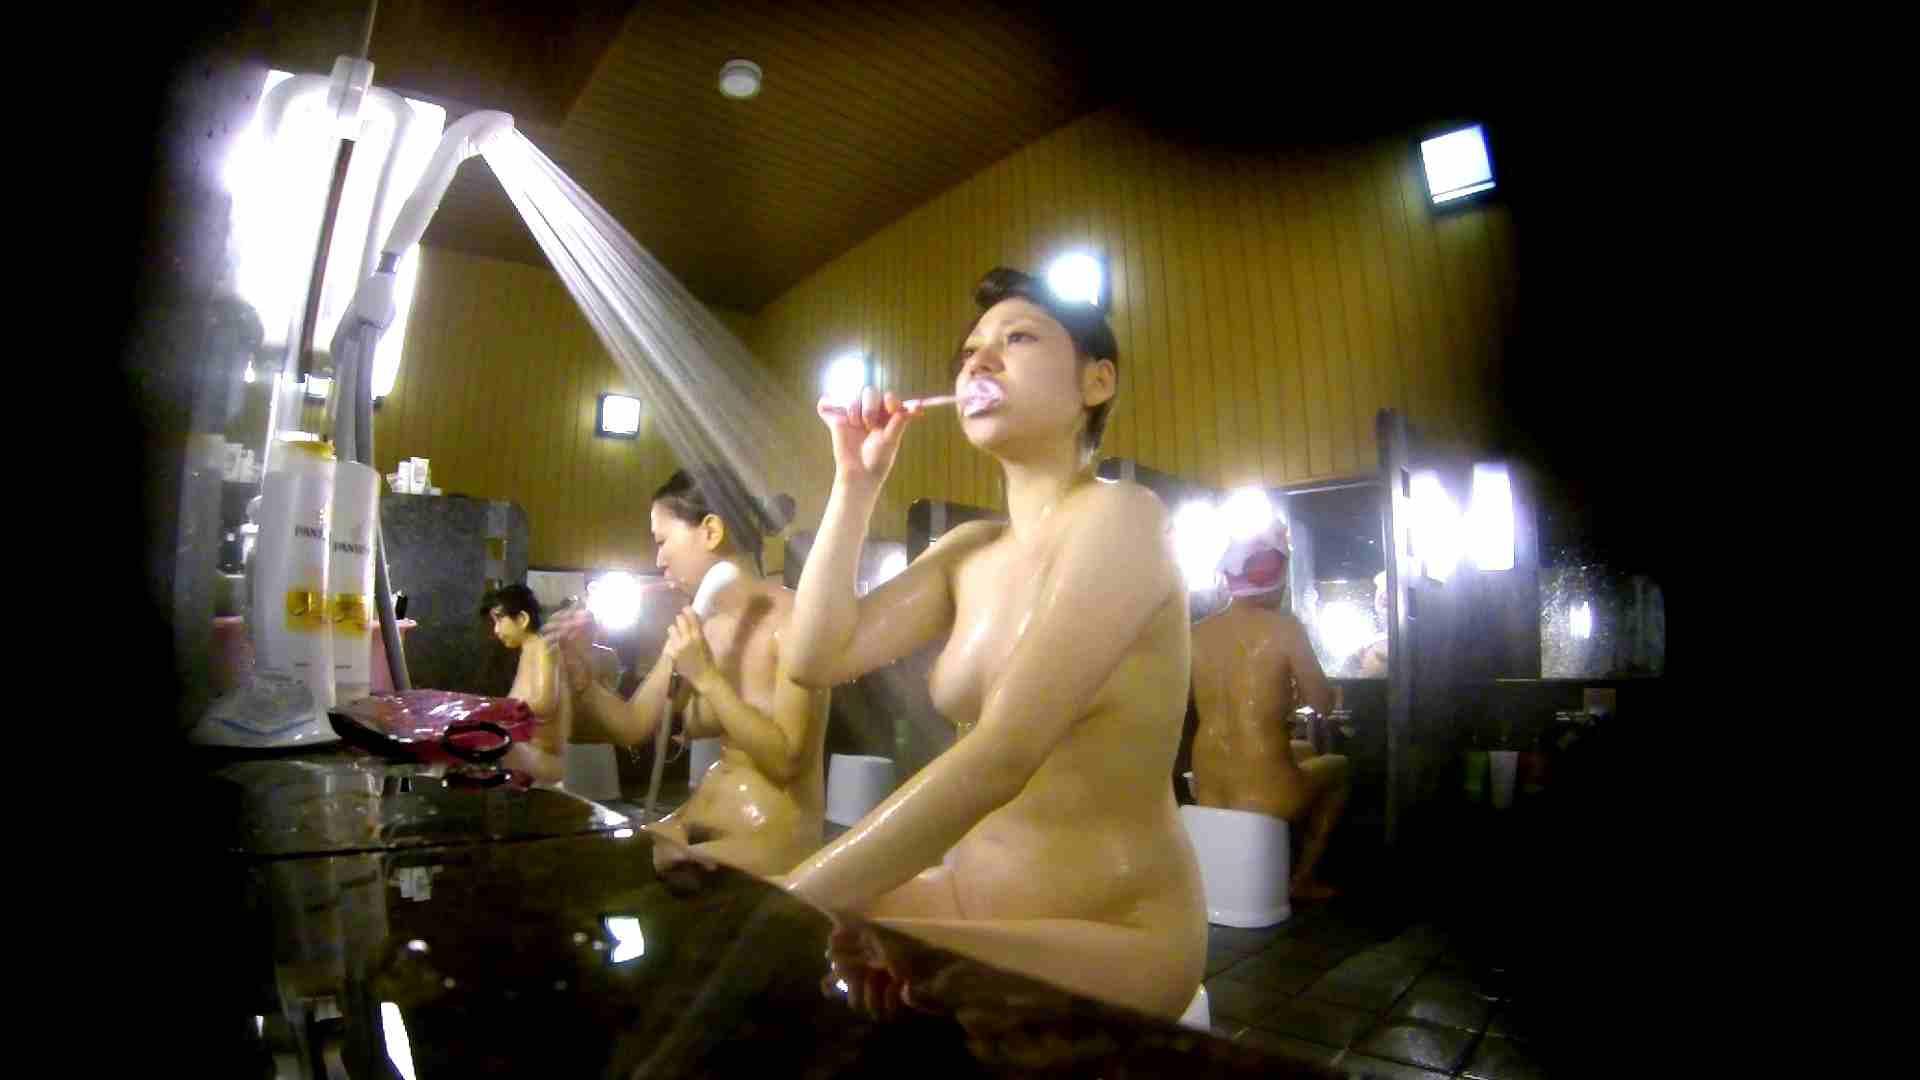 洗い場!柔らかそうな身体は良いけど、歯磨きが下品です。 垂れ乳 おめこ無修正画像 107画像 41